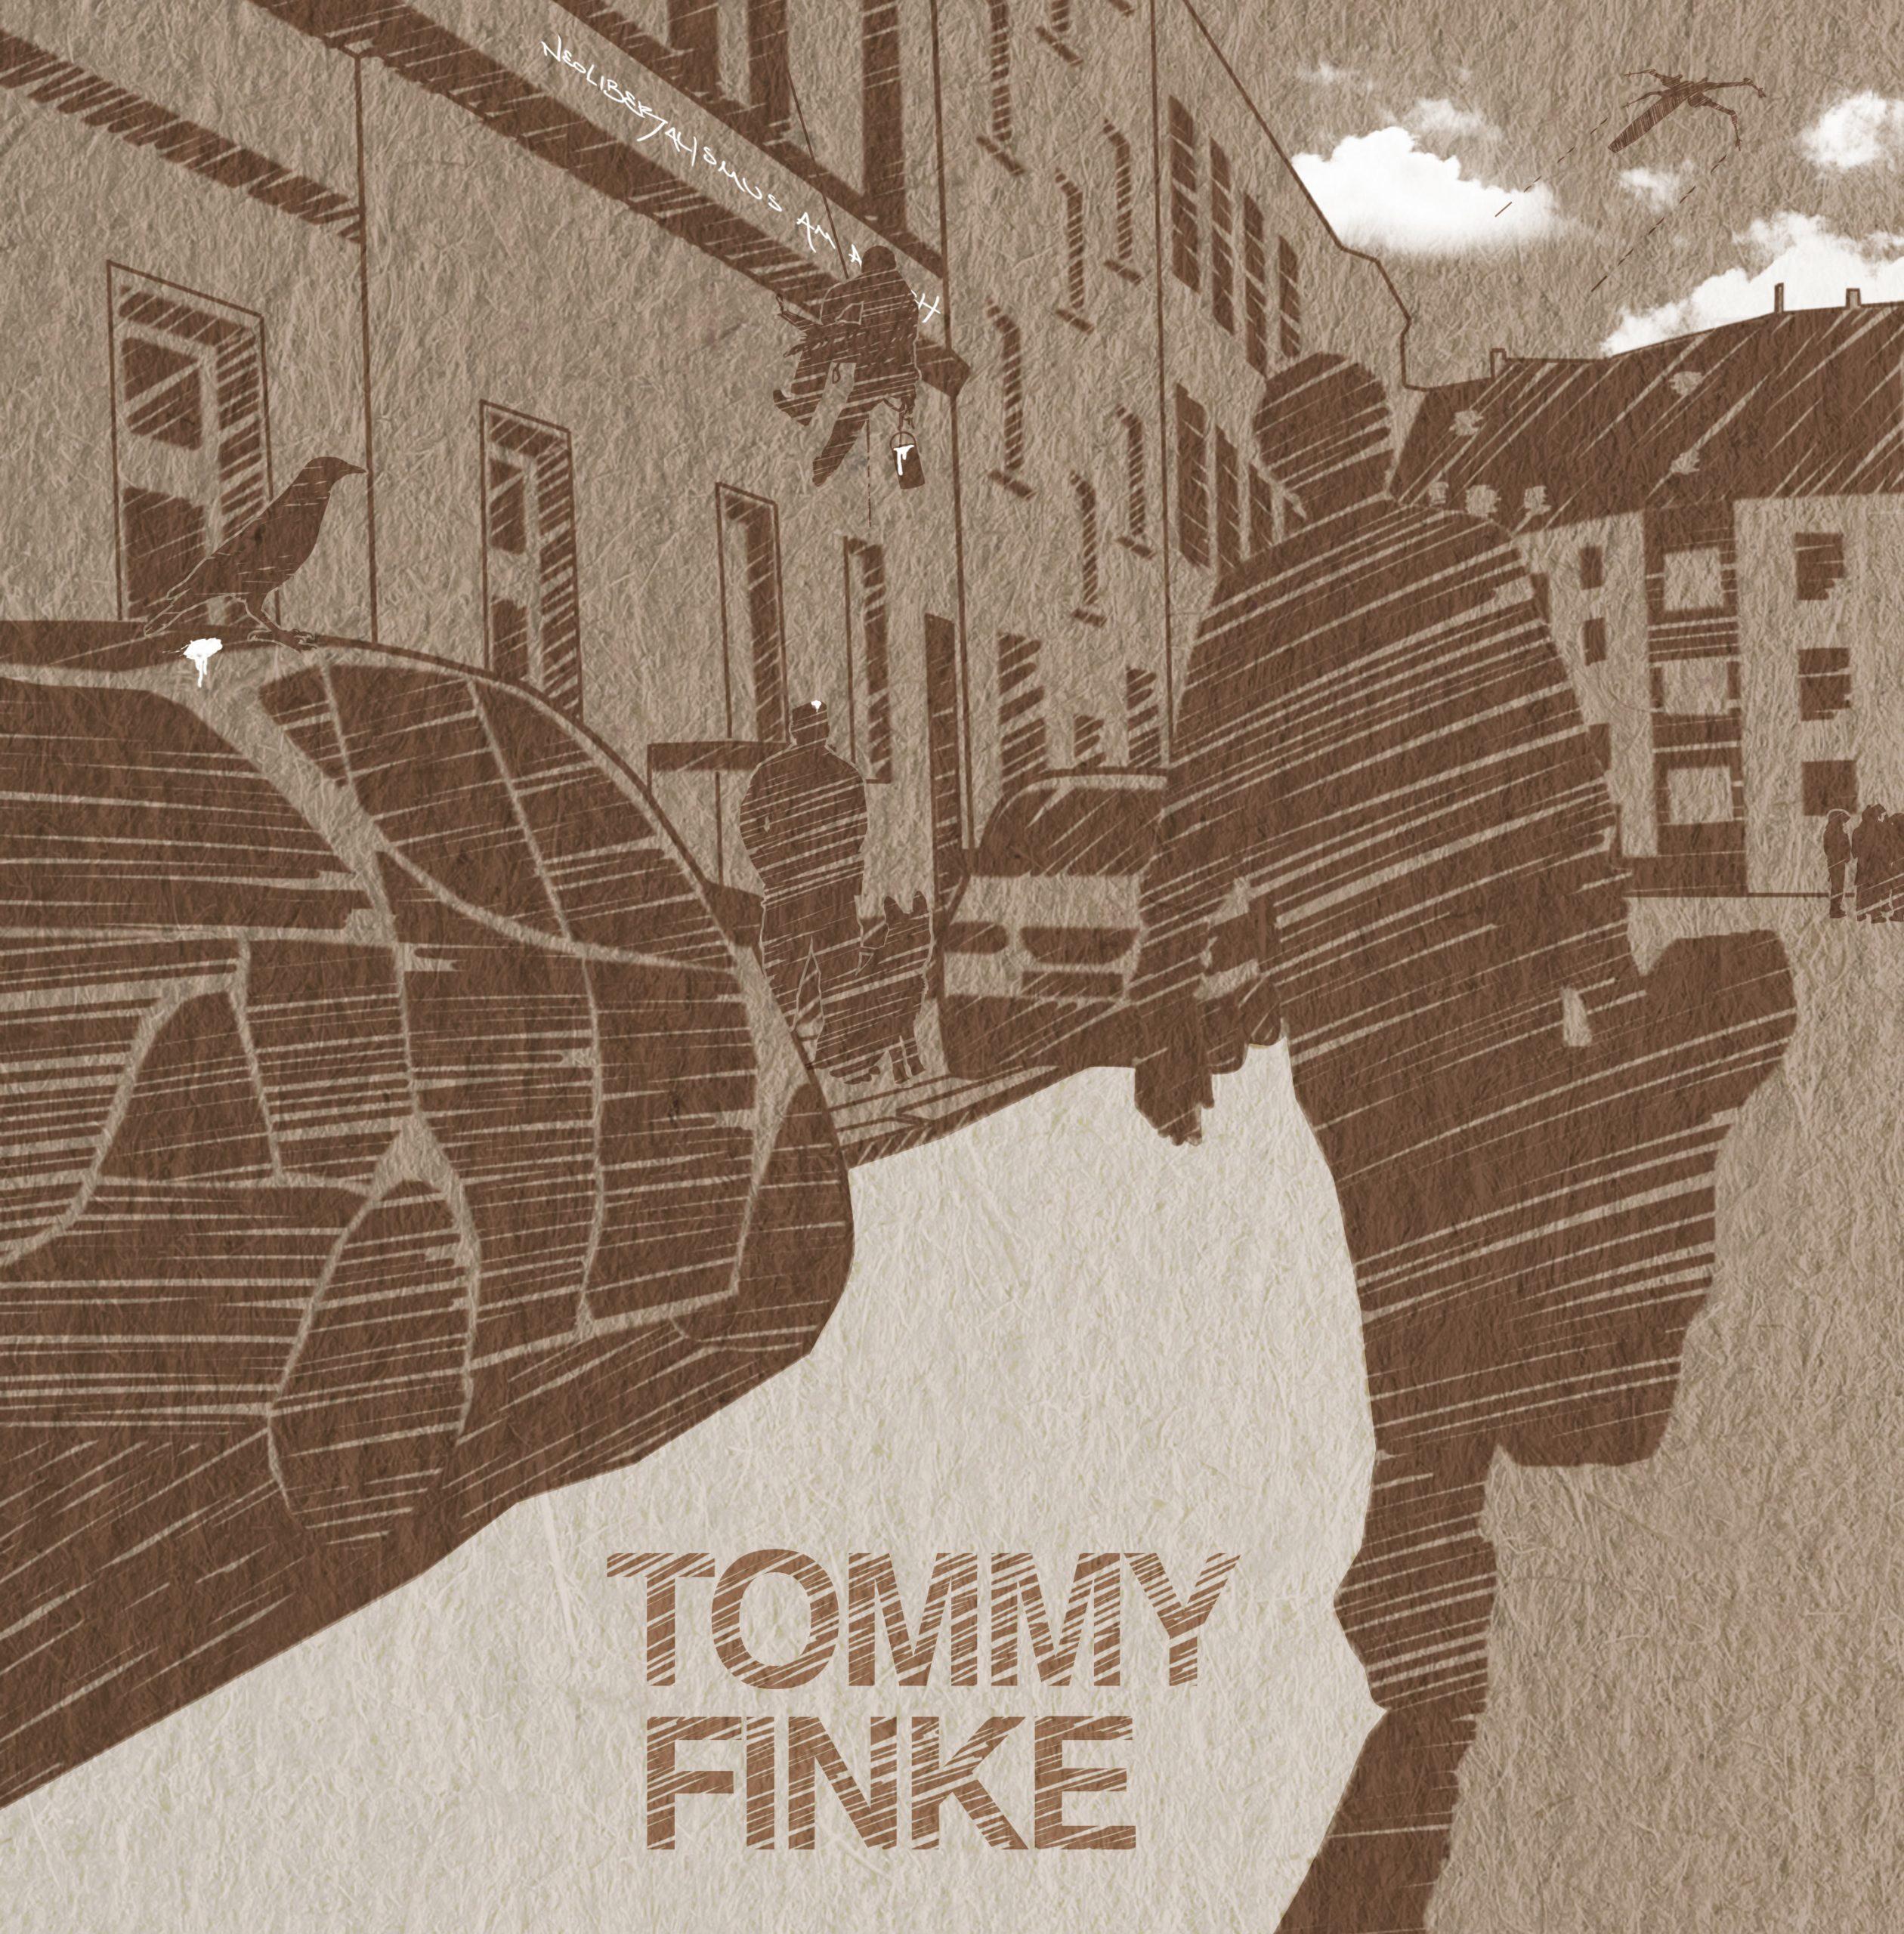 CD Cover Artwork illustration grafik für Tommy Finke - Bochumer Musiker/ Künstler/ Bands.